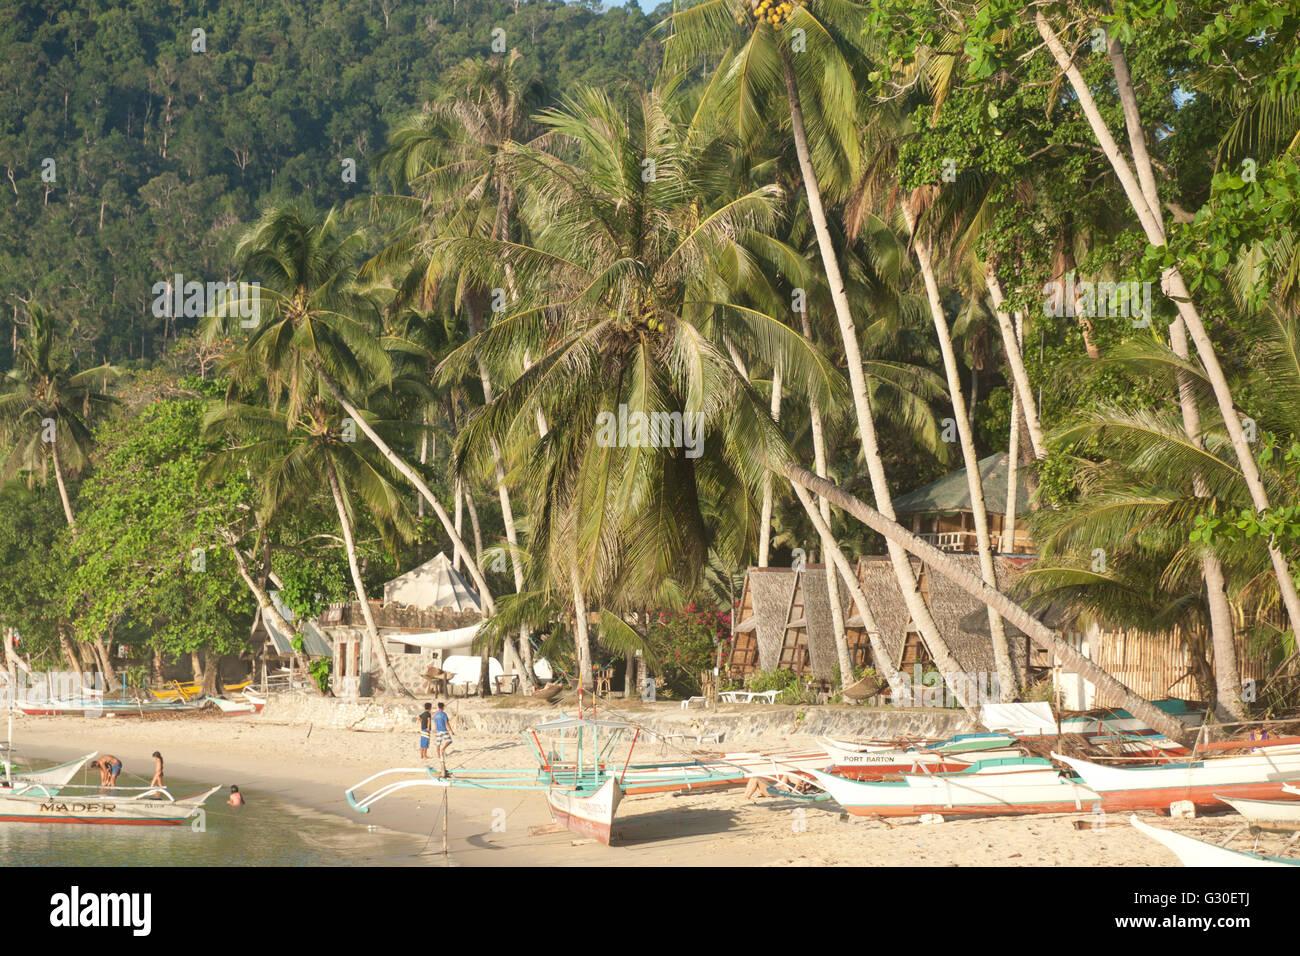 Vera vita di spiaggia sull isola di Palawan, Filippine Immagini Stock